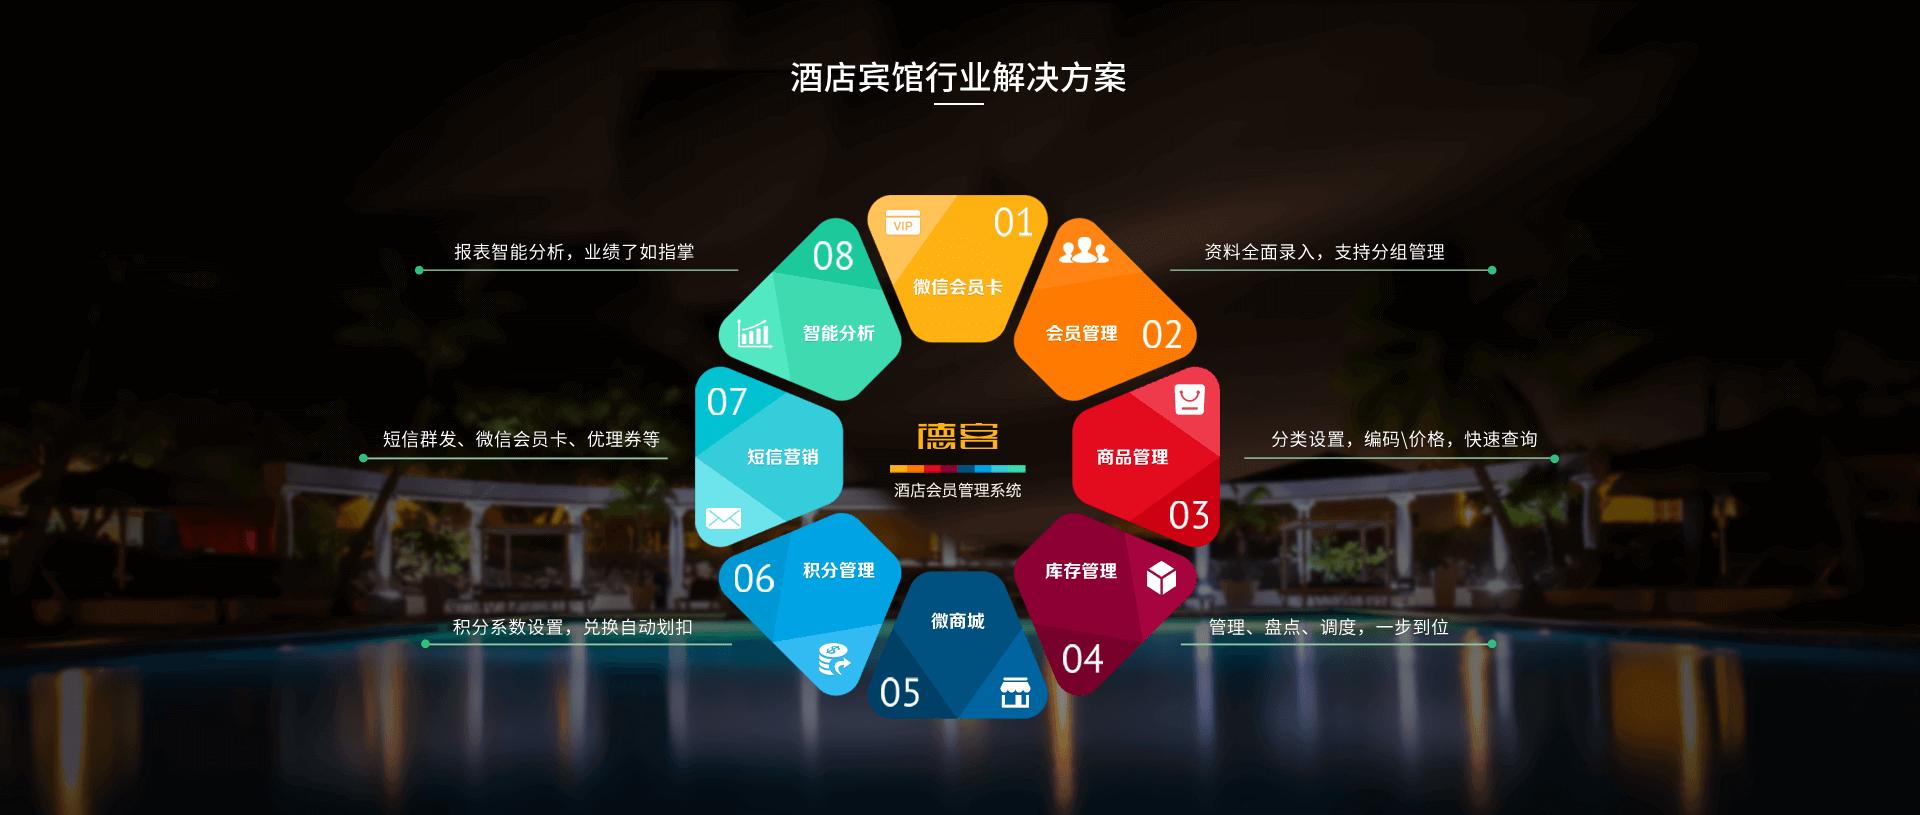 餐饮酒店会员系统方案(图2)